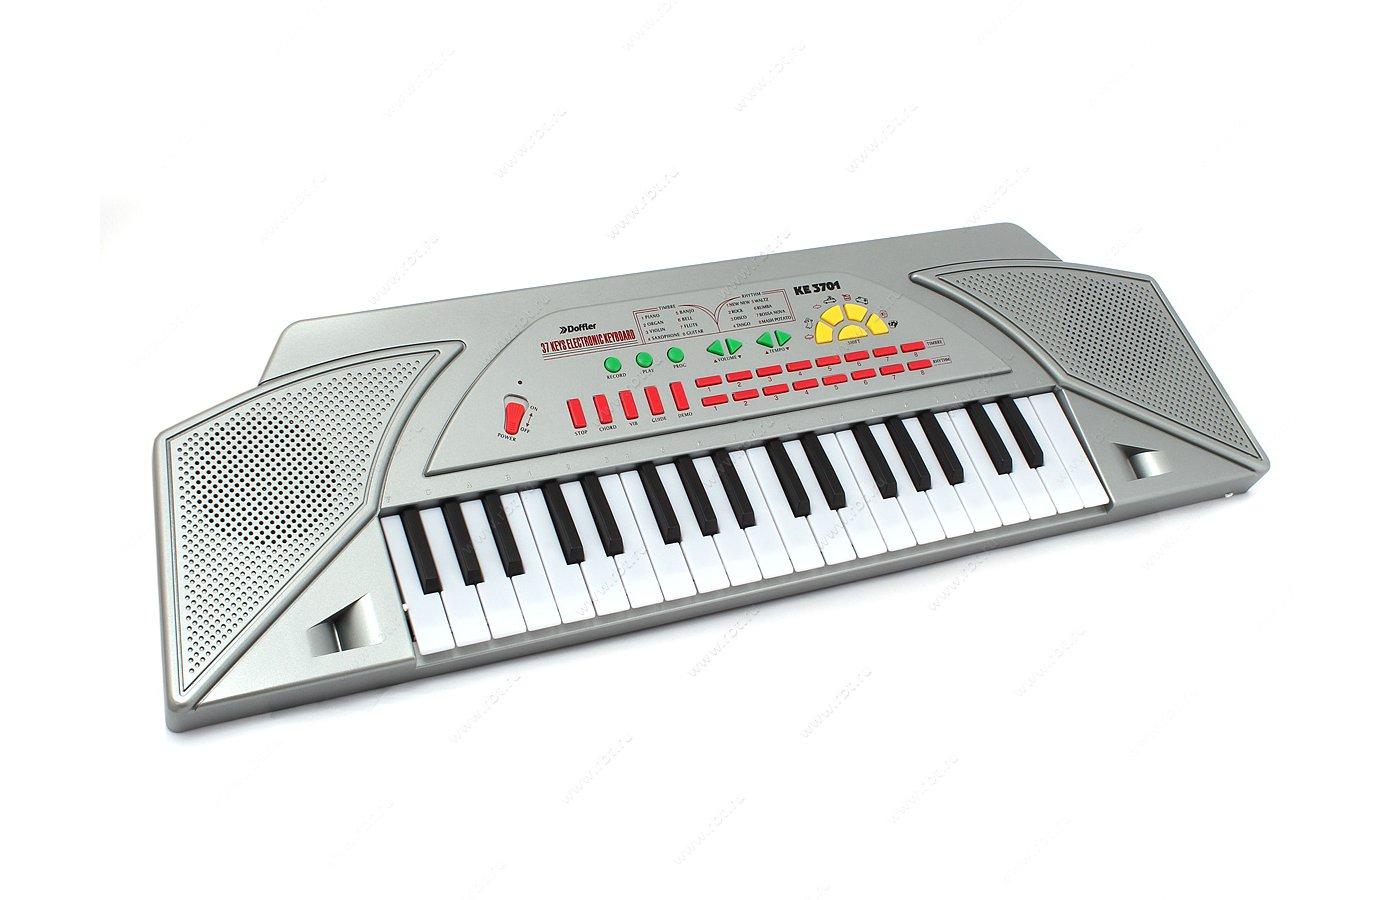 Музыкальный инструмент DOFFLER KE 3701